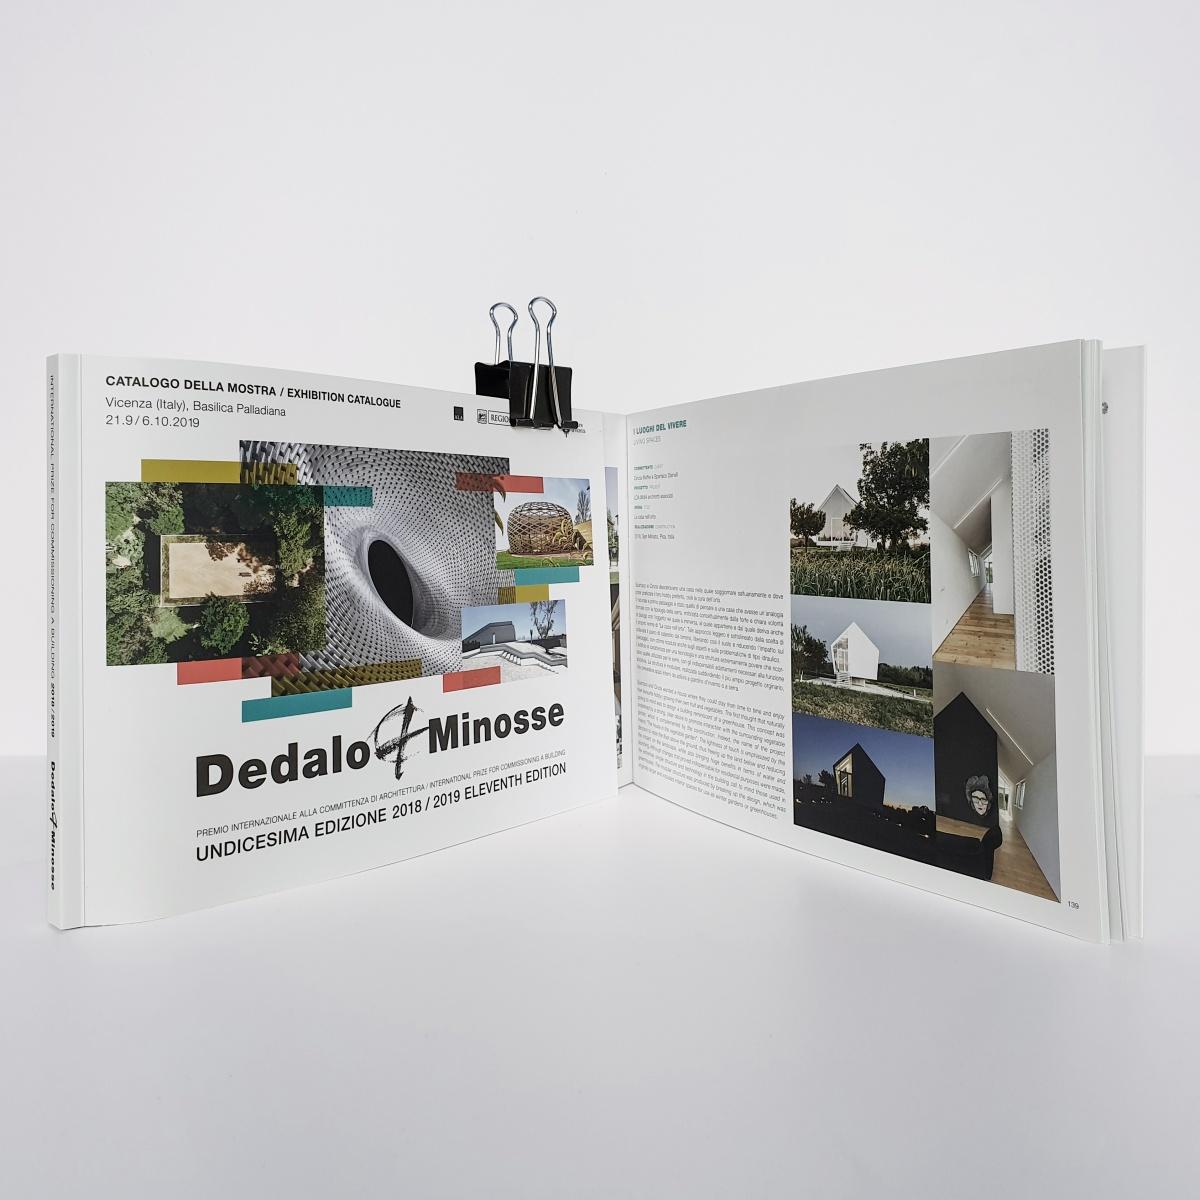 copertina del catalogo del premio internazionale di architettura dedalo minosse in cui è inserita casa nell'orto